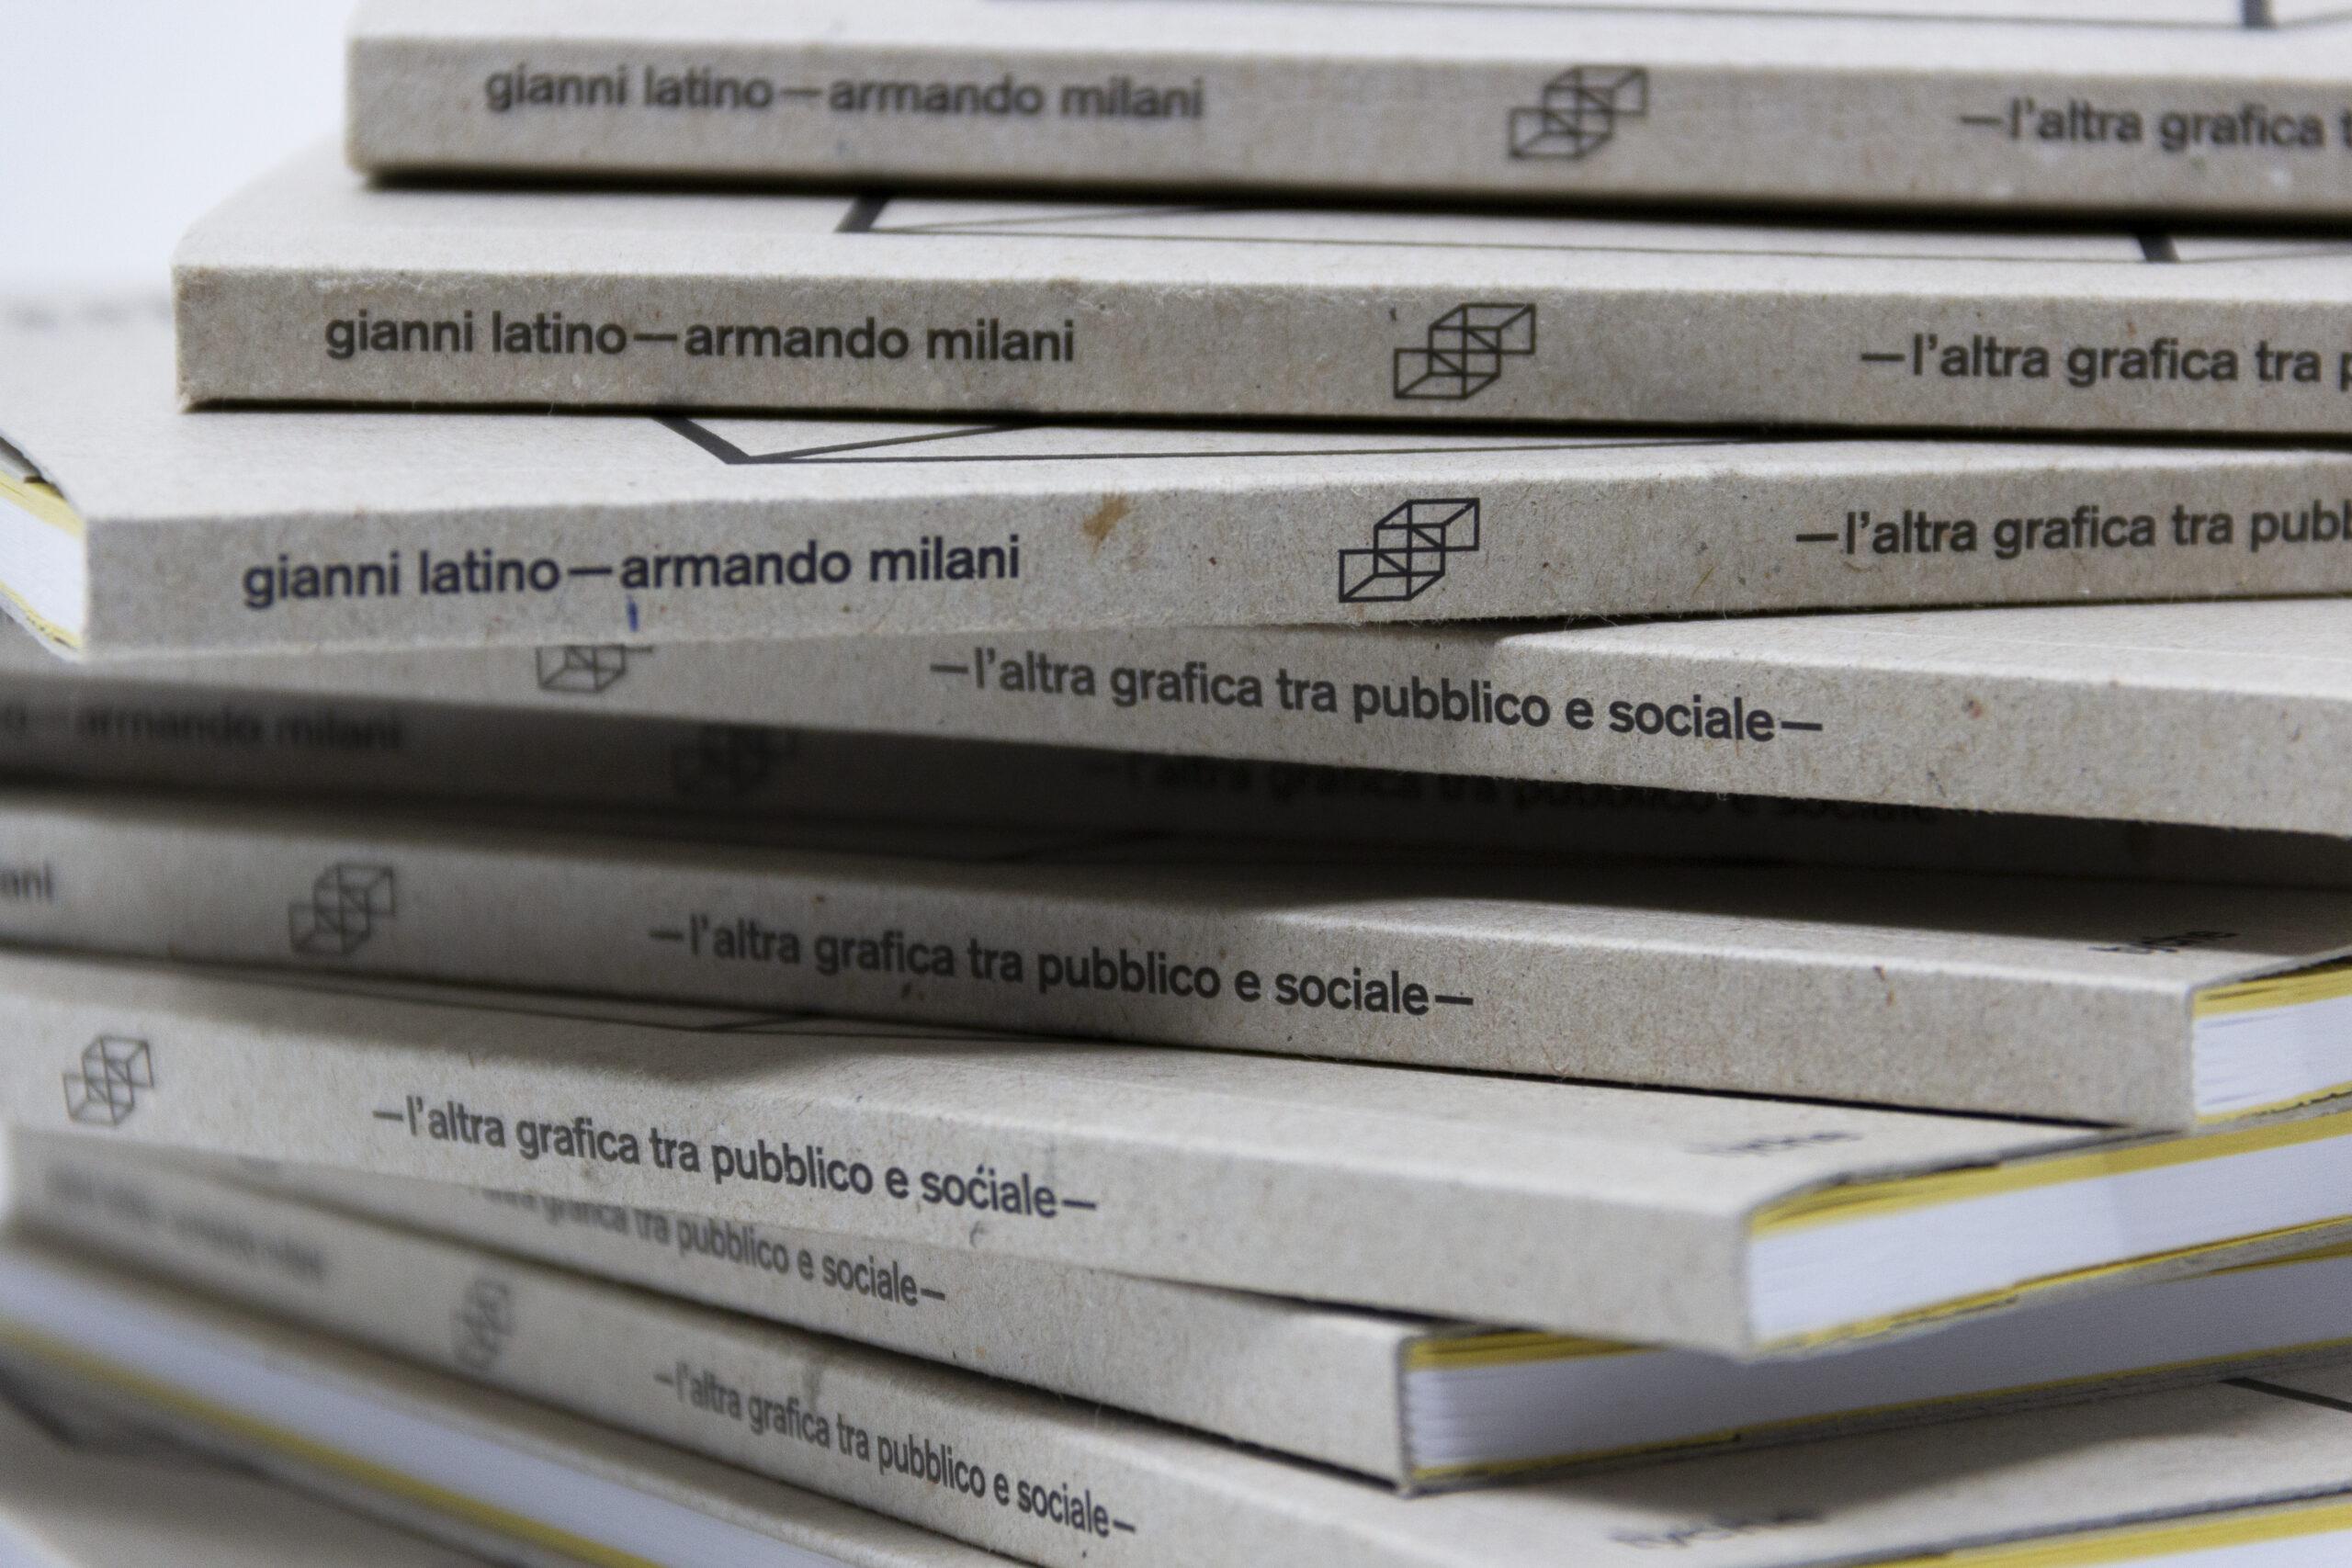 Armando Milani, Gianni Latino, formato 130x210 mm, p. 56, Tyche edizioni, 2018. Foto © Ludovica Privitera.